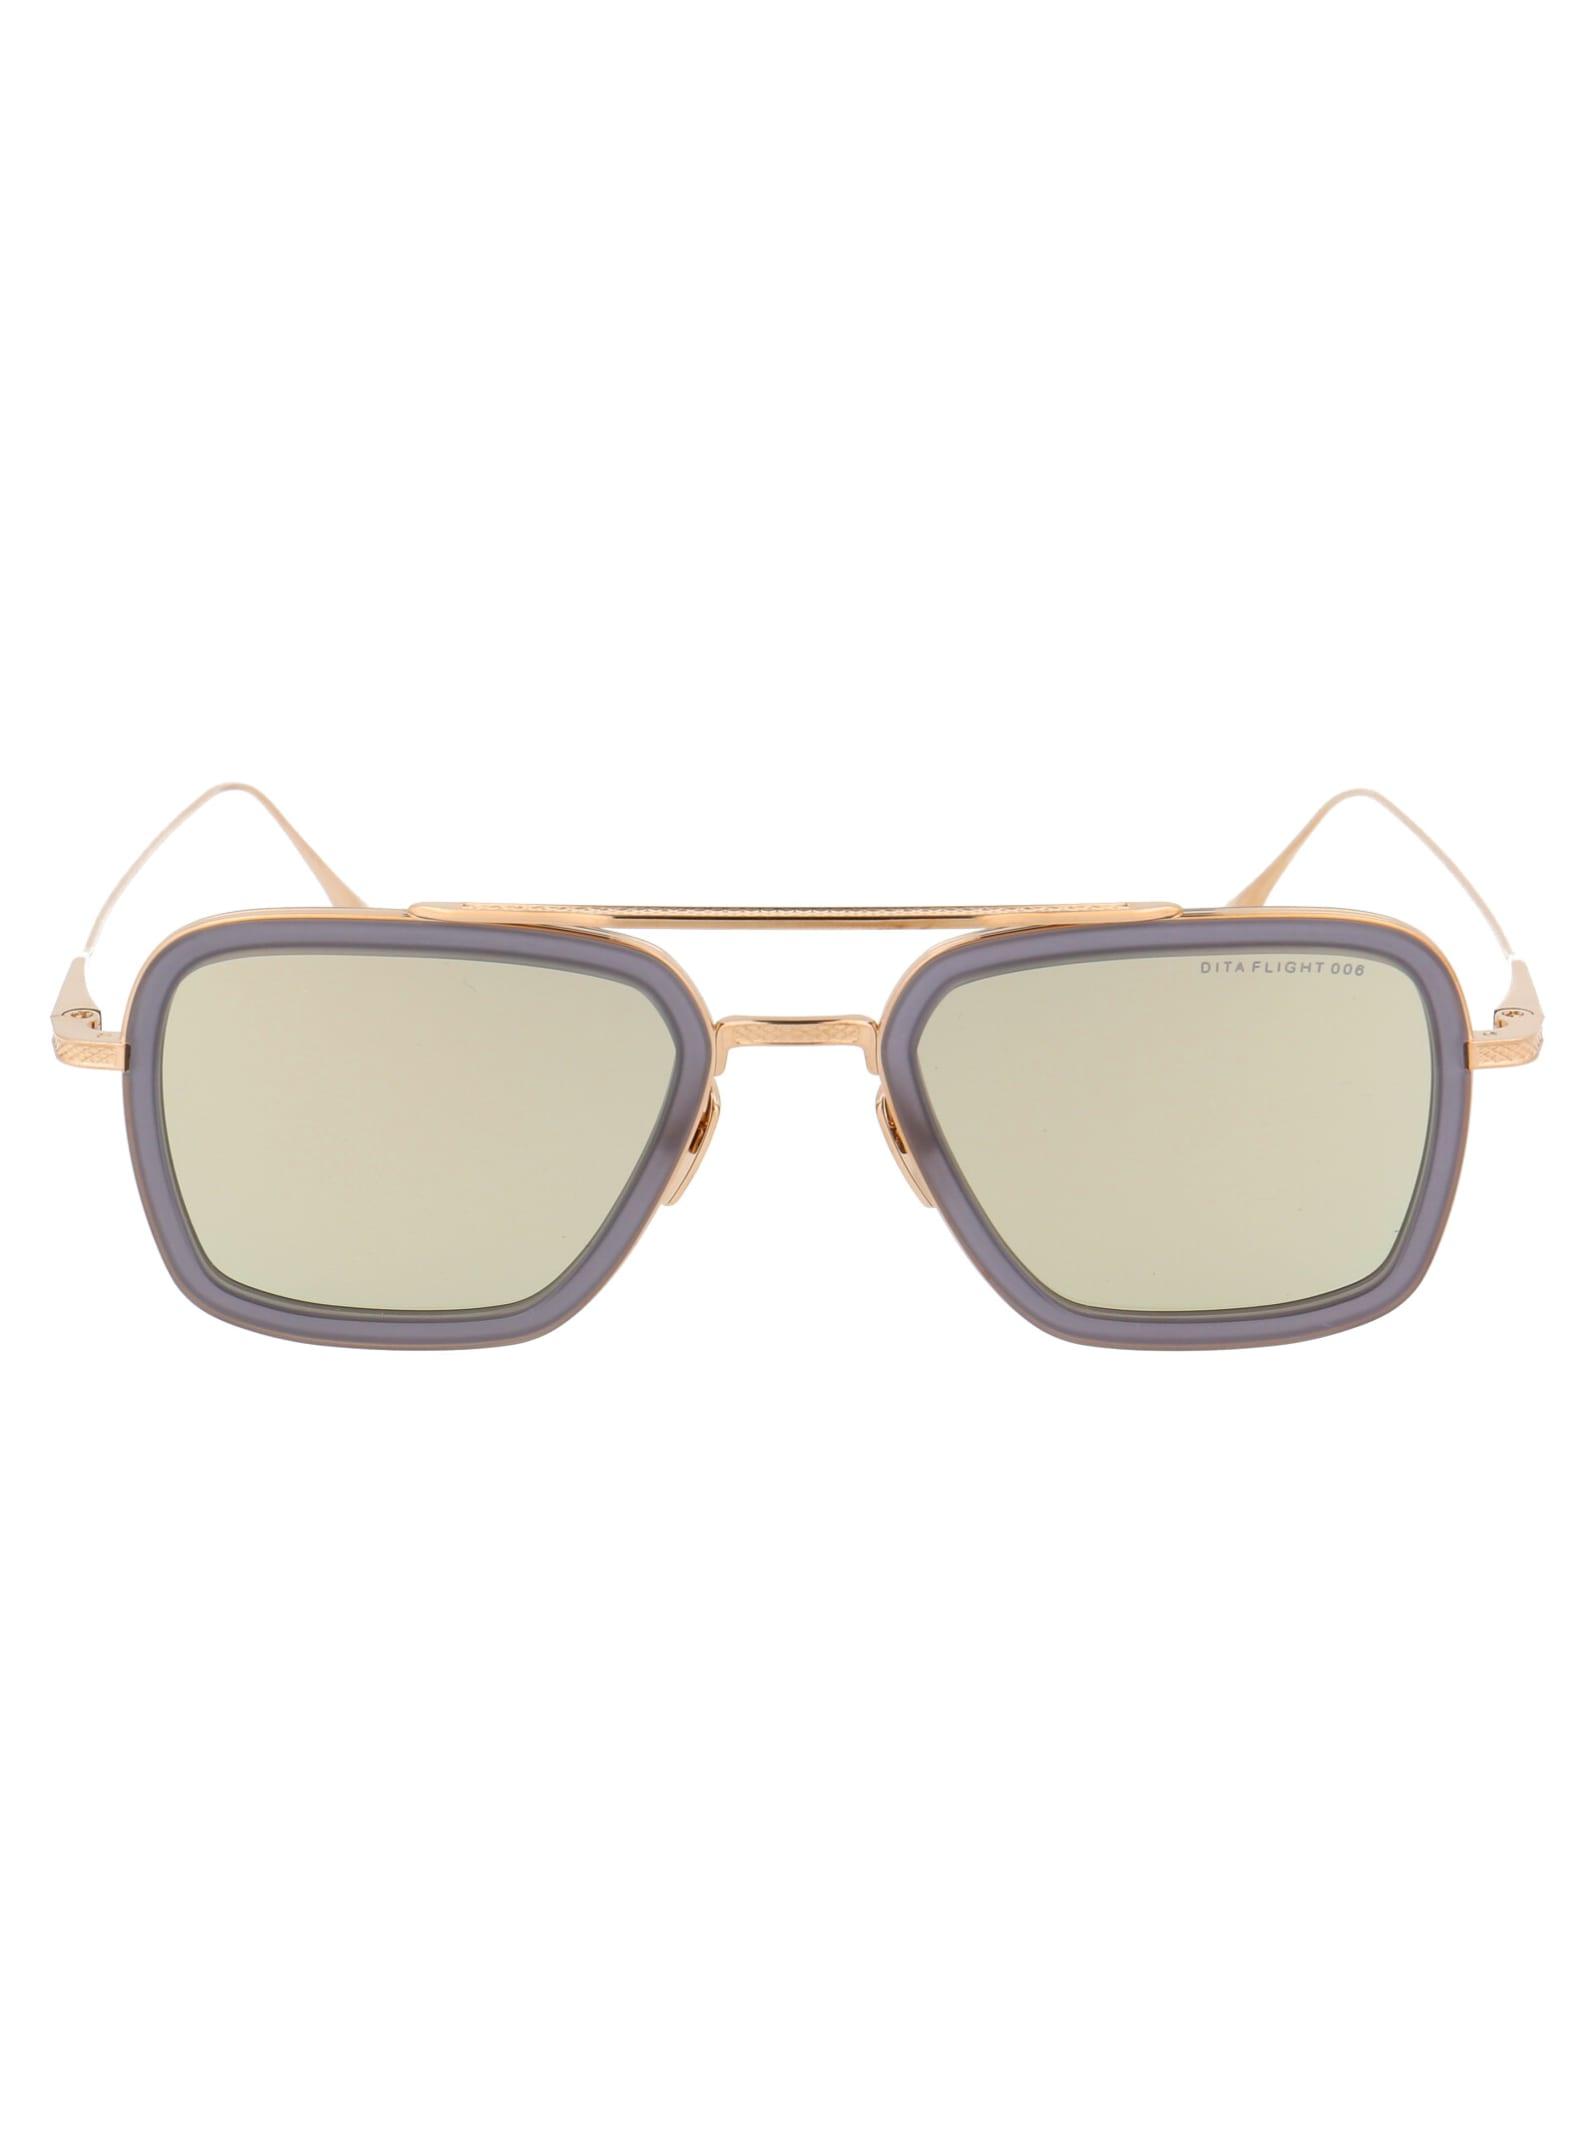 Flight.006 Sunglasses